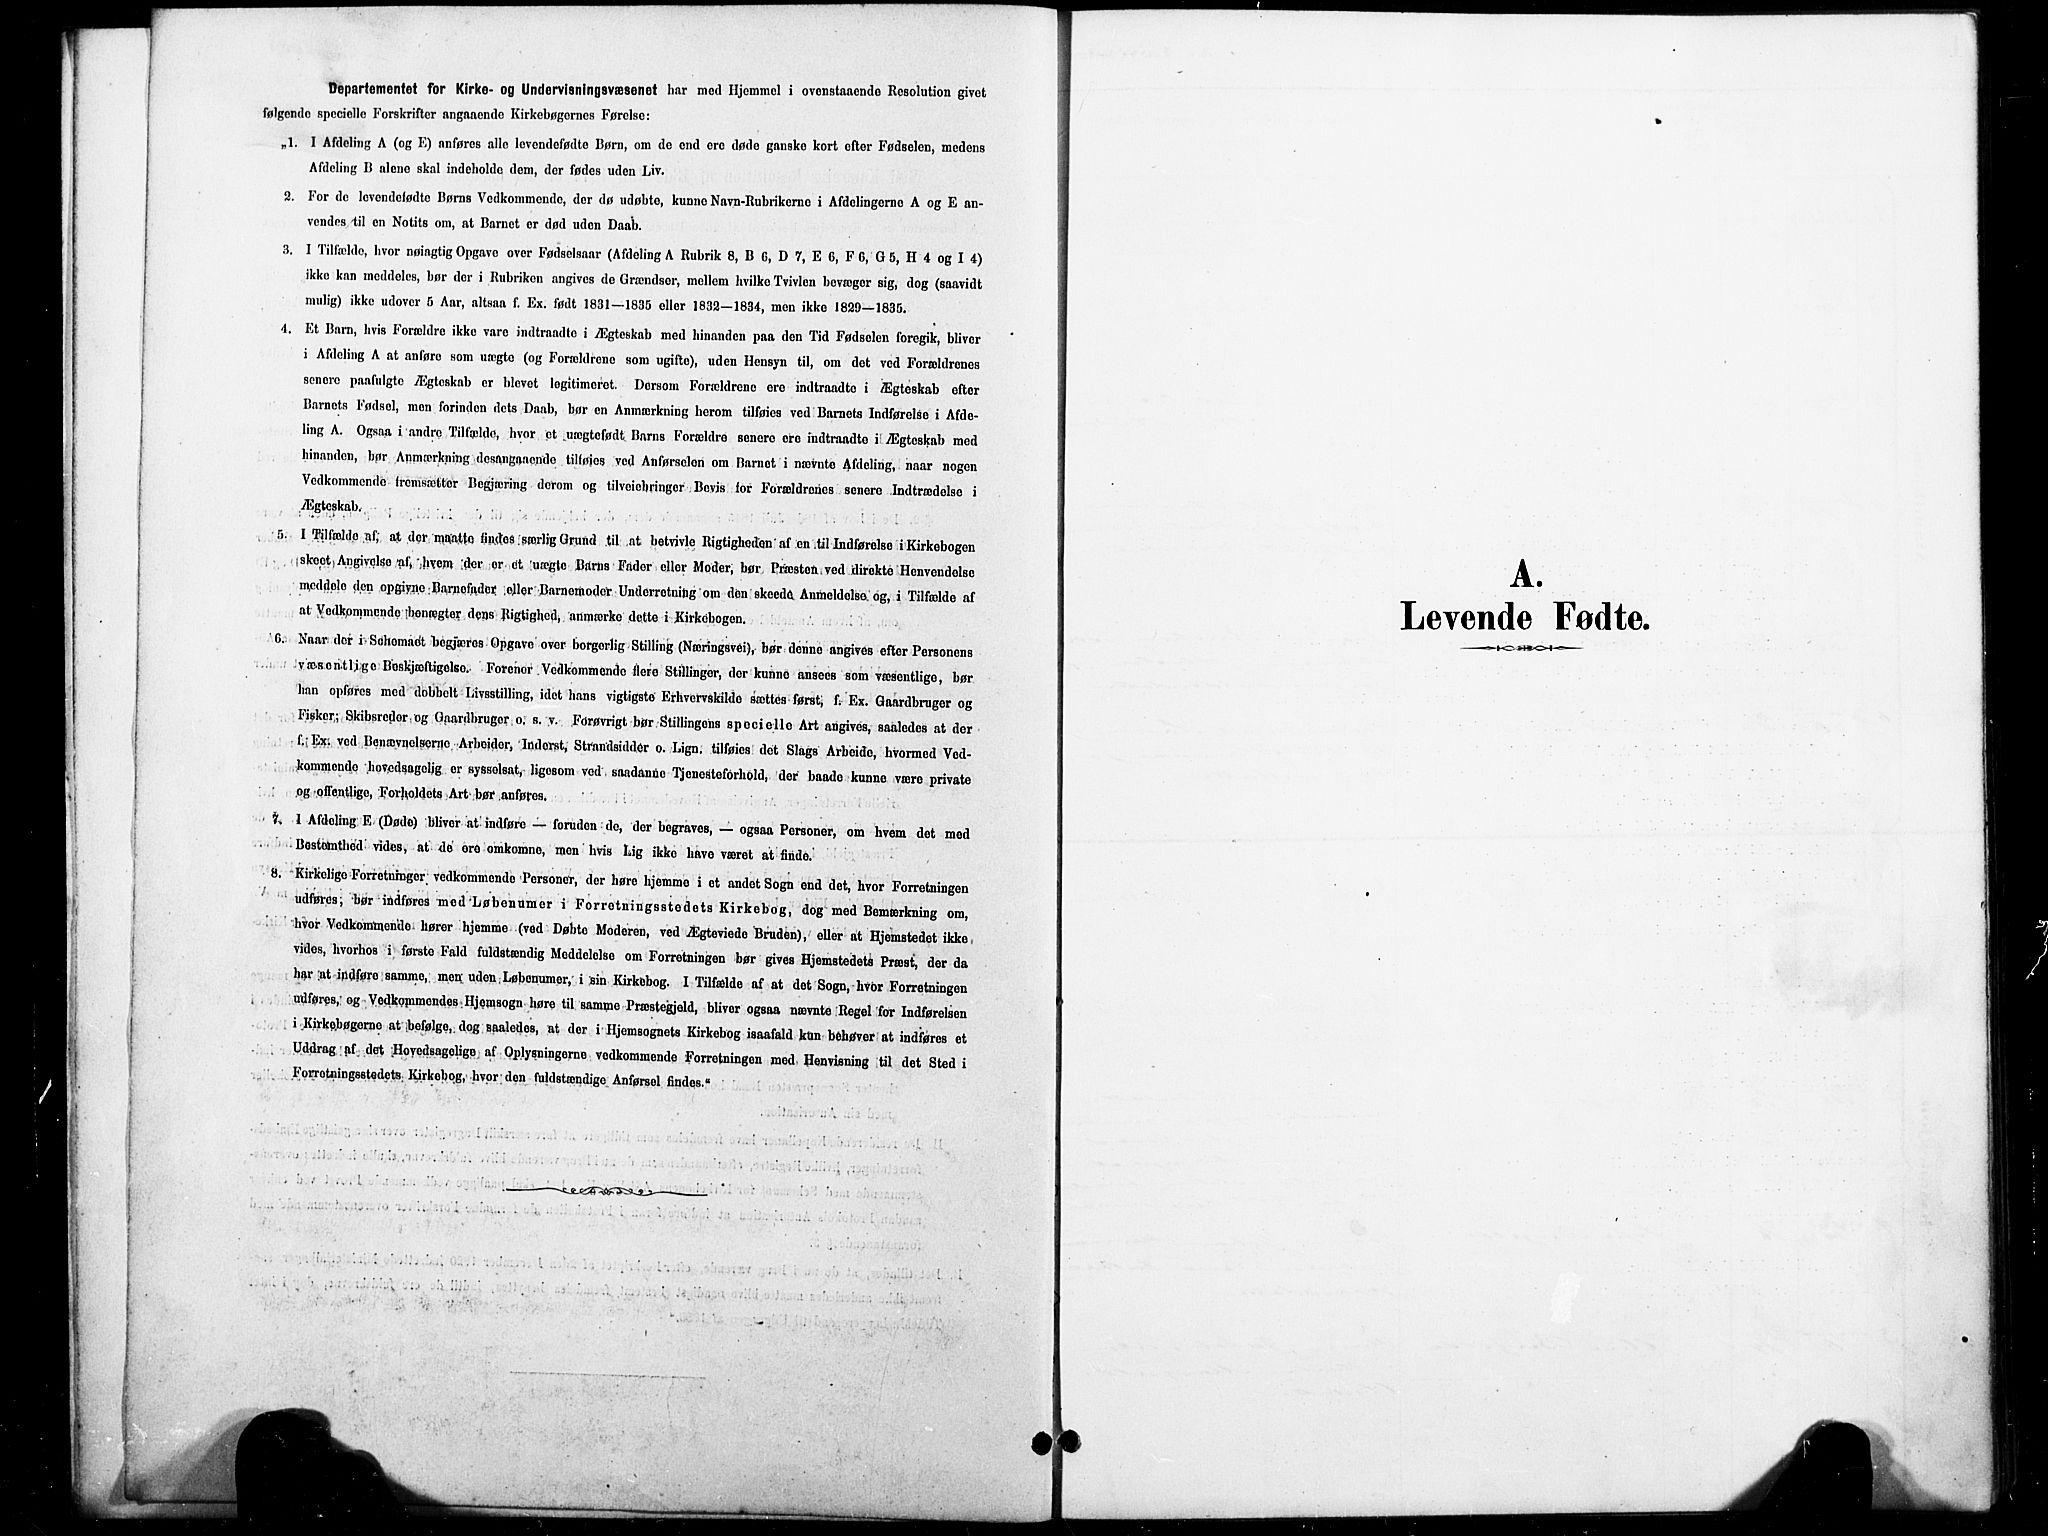 SAT, Ministerialprotokoller, klokkerbøker og fødselsregistre - Nord-Trøndelag, 738/L0364: Ministerialbok nr. 738A01, 1884-1902